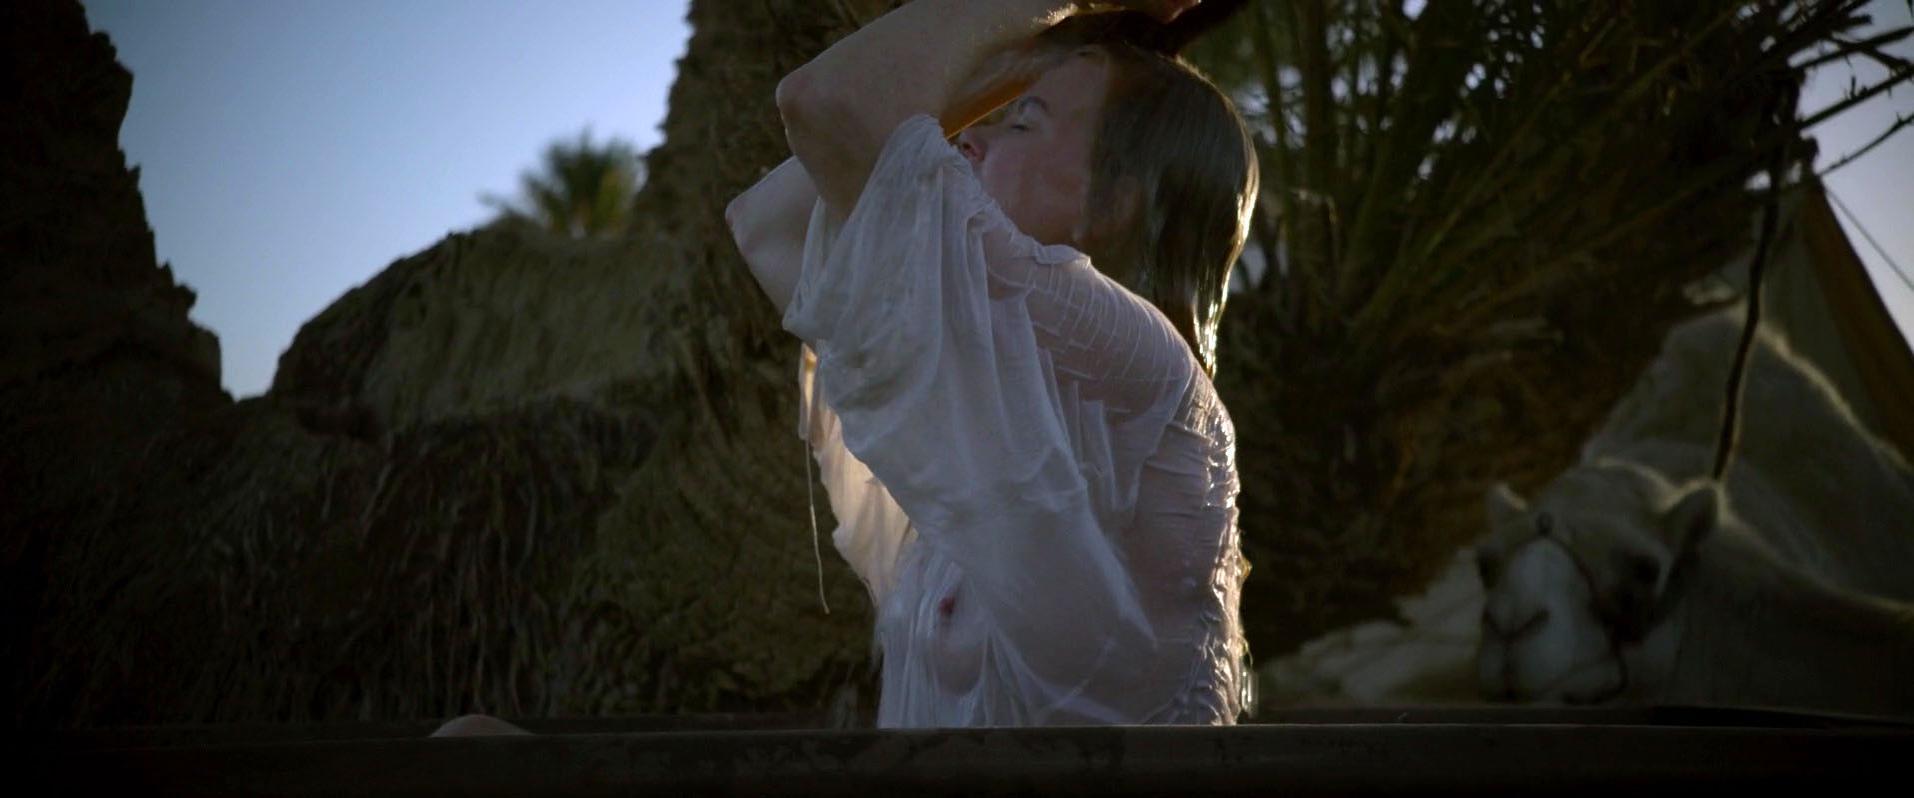 Nicole Kidman nude - Queen Of The Desert (2016)